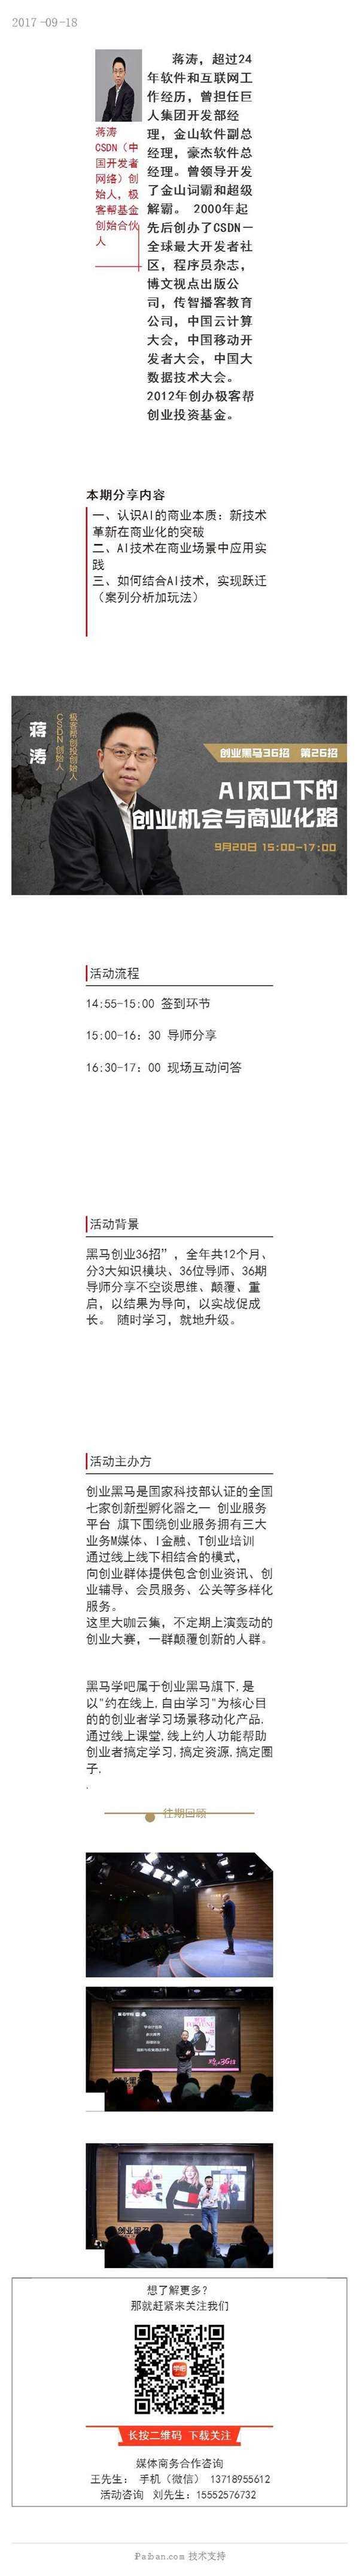 刘亚波.jpg